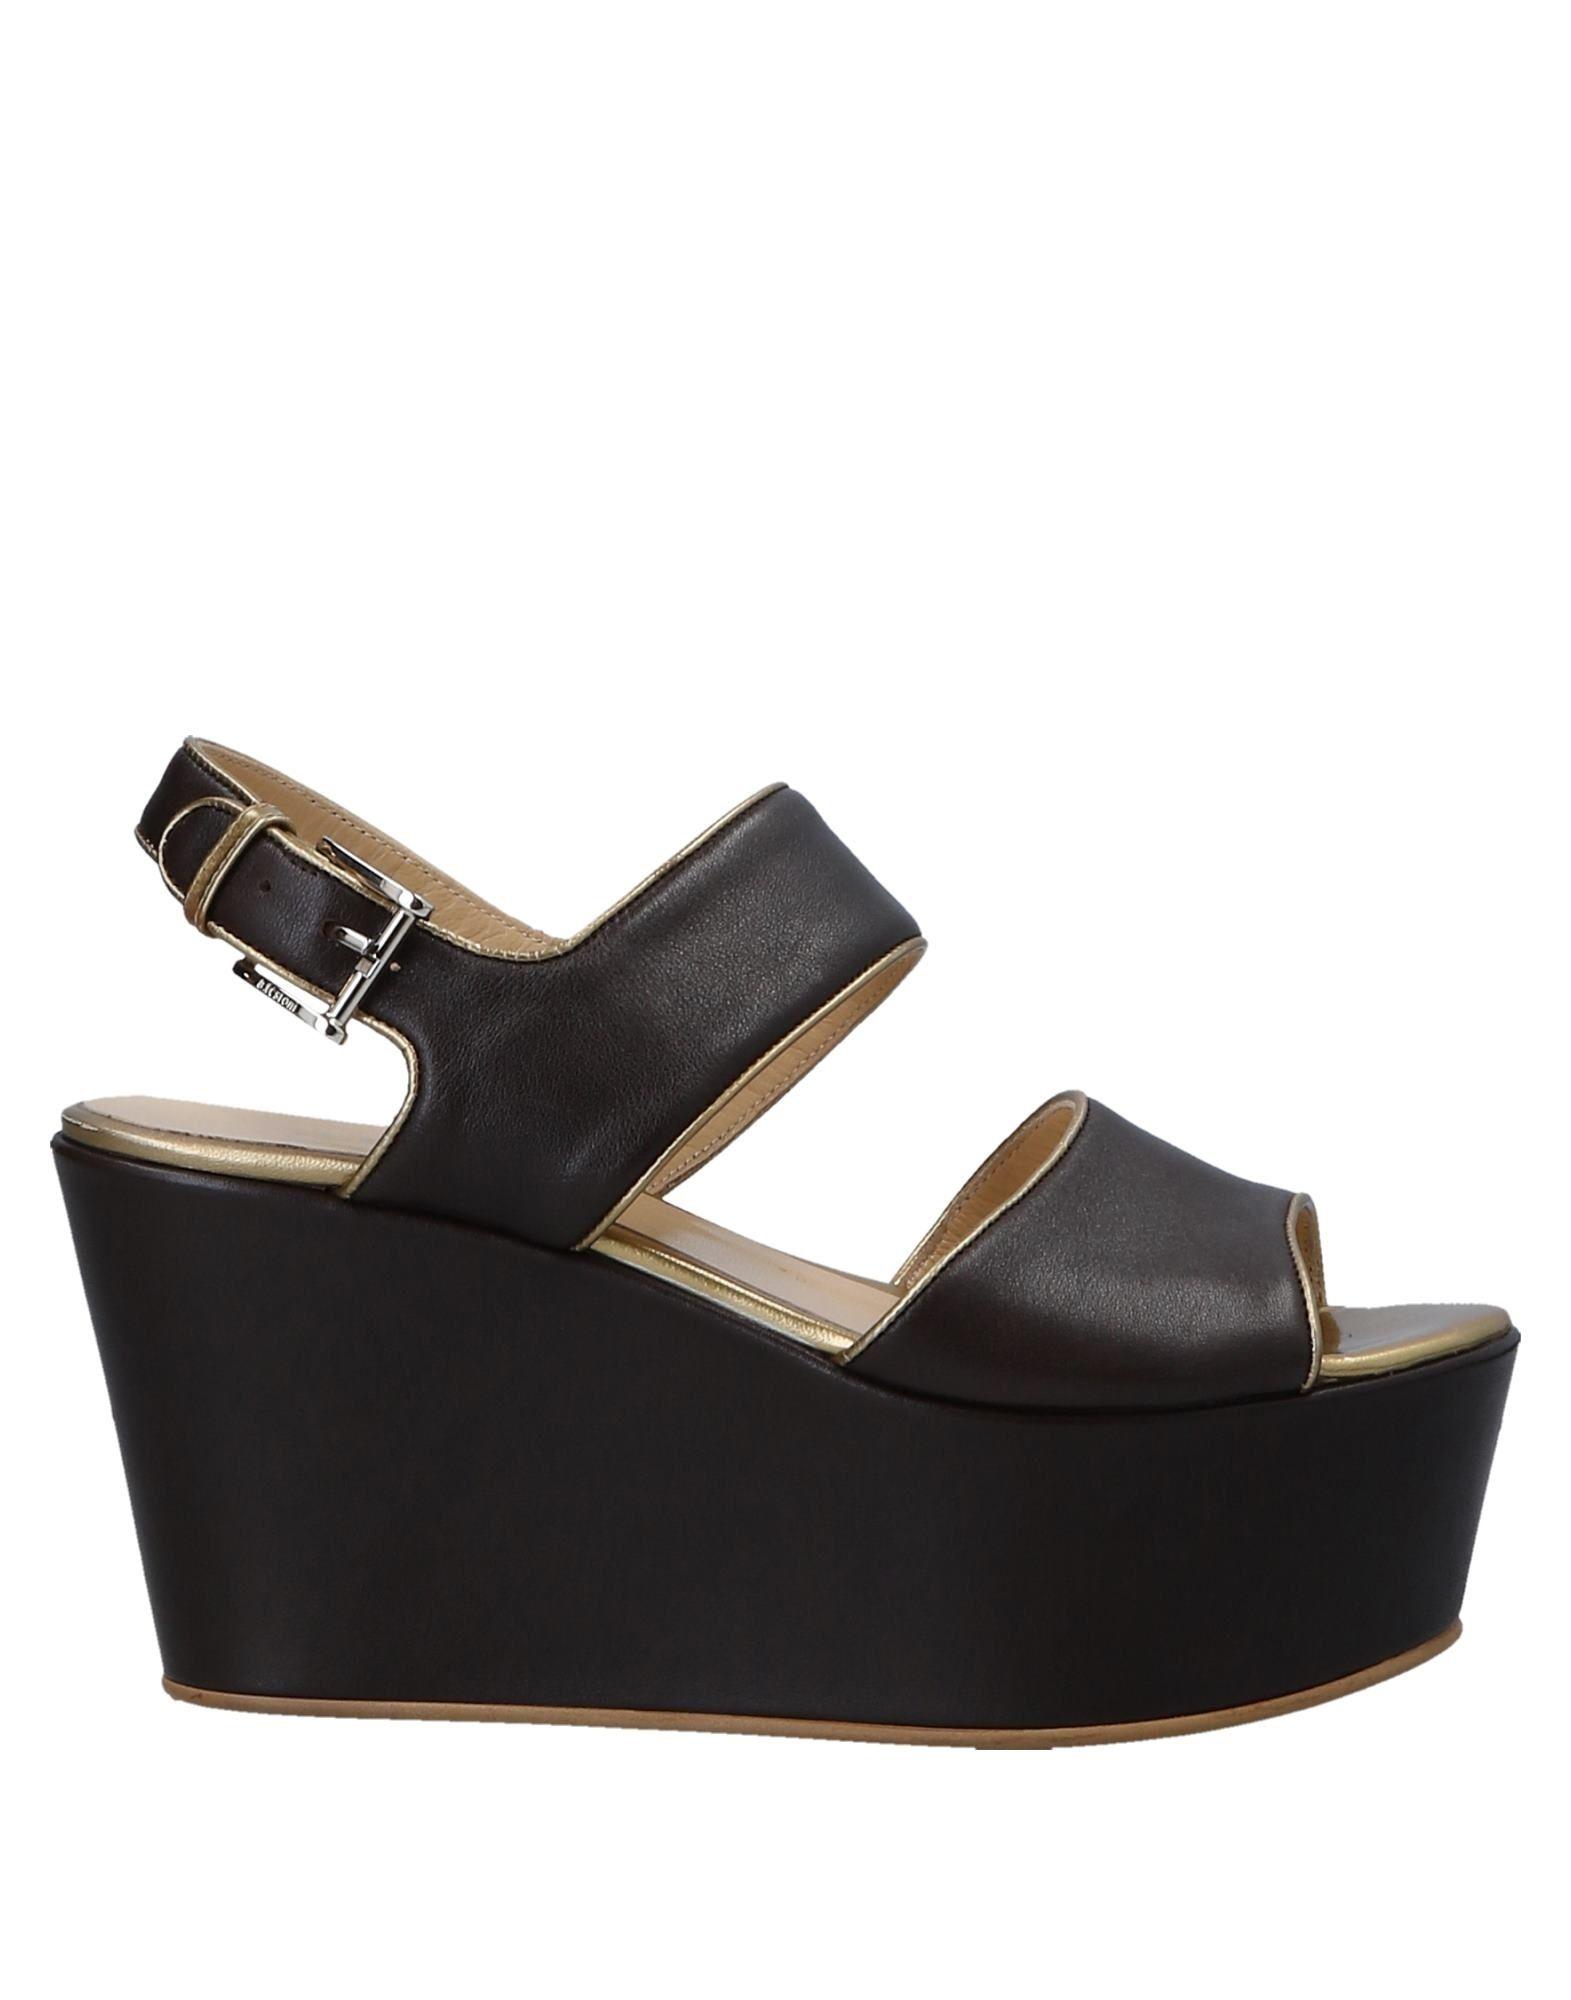 A.Testoni Sandalen Damen  11555617TXGut aussehende strapazierfähige Schuhe